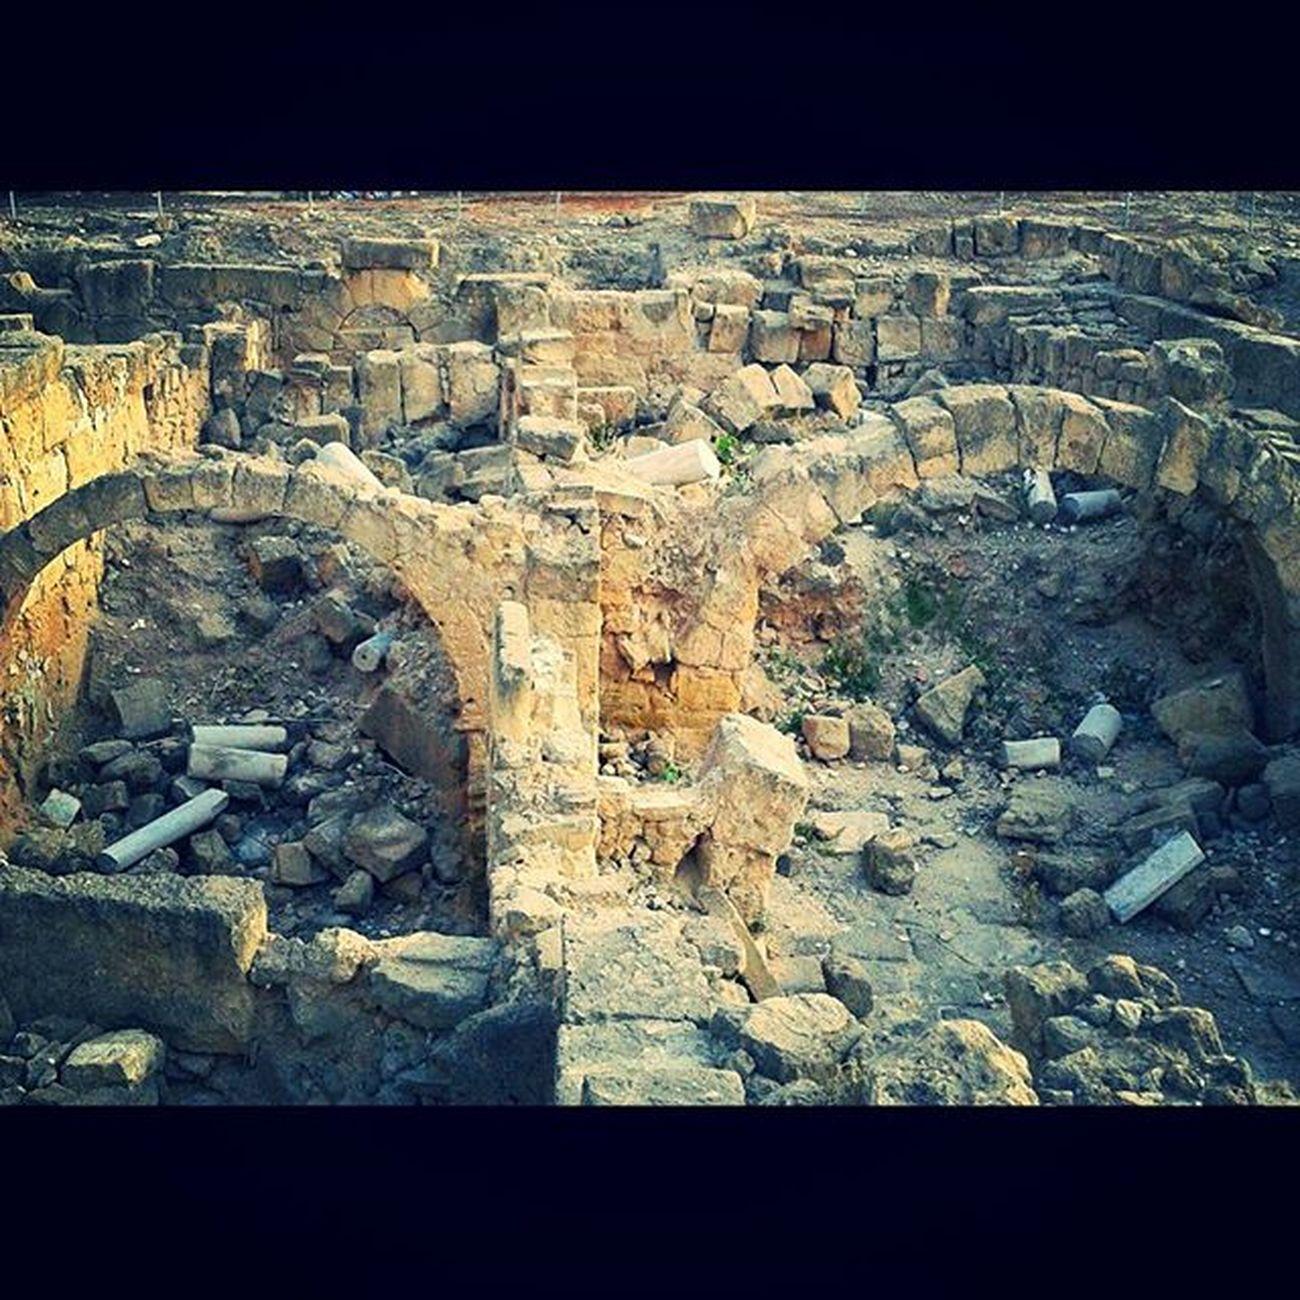 Cyprus_on_line Cyprusisland Cyprus Paphos Dig Antient кипр пафос раскопки Древность